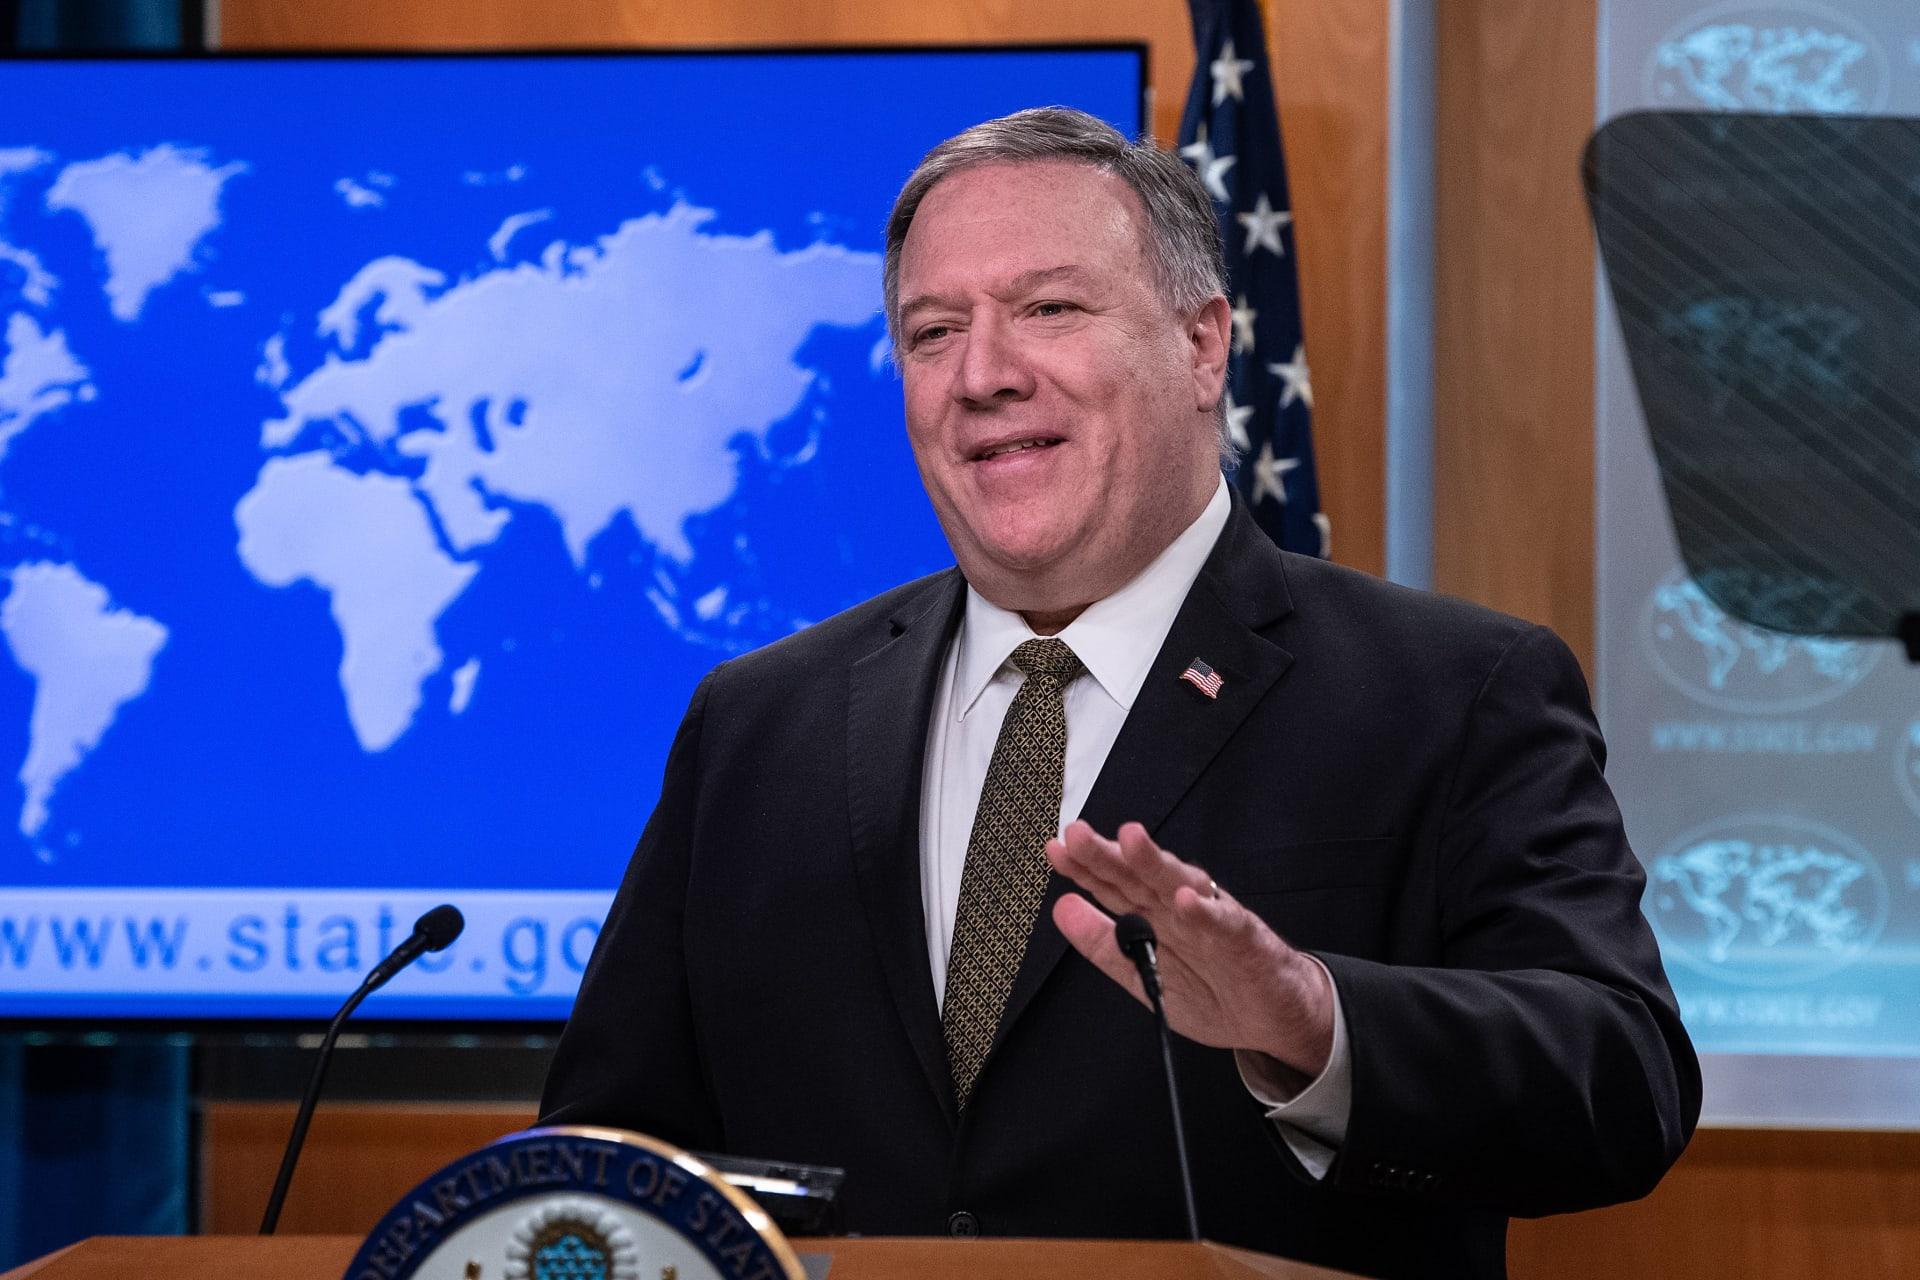 الخارجية الأمريكية: سنضمن تمديد حظر الأسلحة على إيران.. وسياسة جديدة لردع طهران